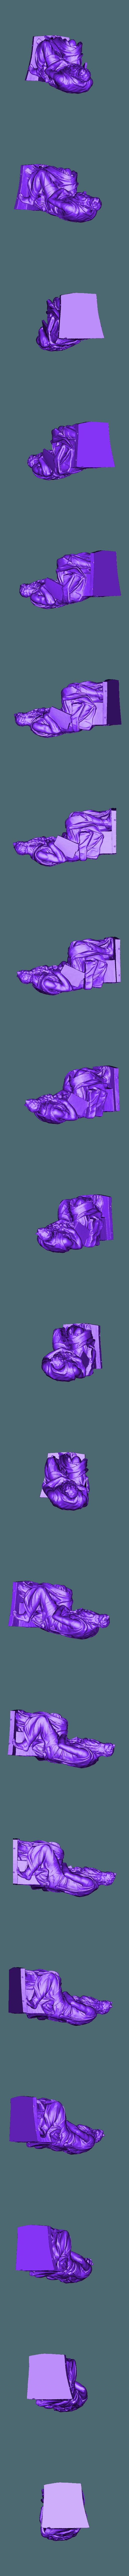 MosesStatueRemeshed.stl Télécharger fichier STL gratuit Sculpture de Moïse par Michel-Ange (Scan 3D de la statue) • Objet pour impression 3D, 3DWP